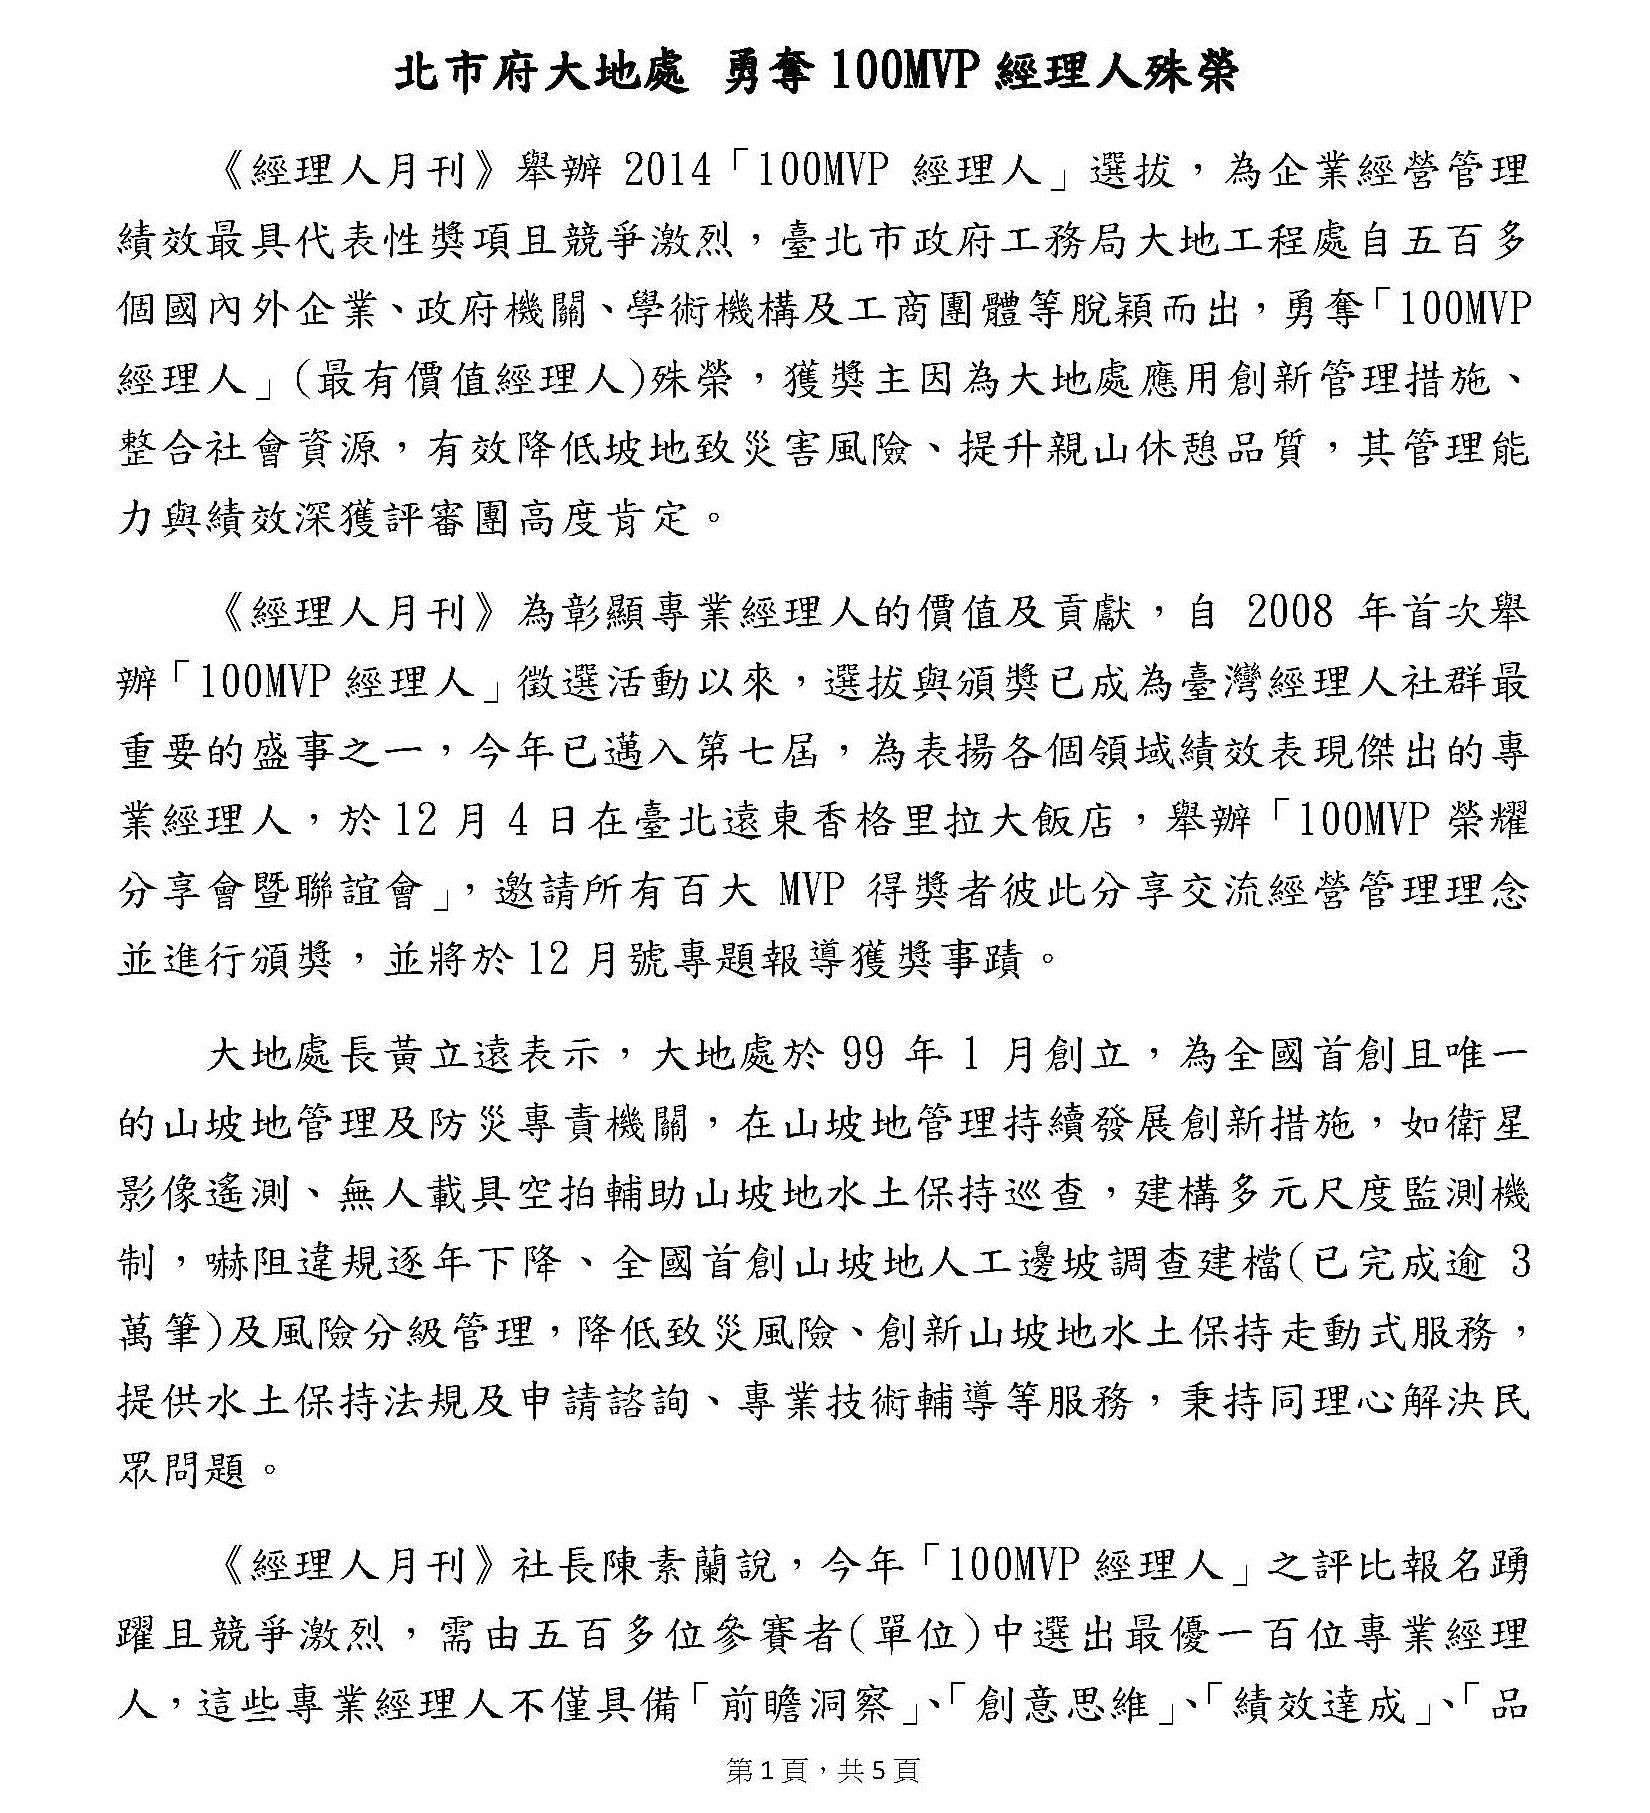 北市府大地處 勇奪100MVP經理人殊榮 新聞稿2014年12月5日01